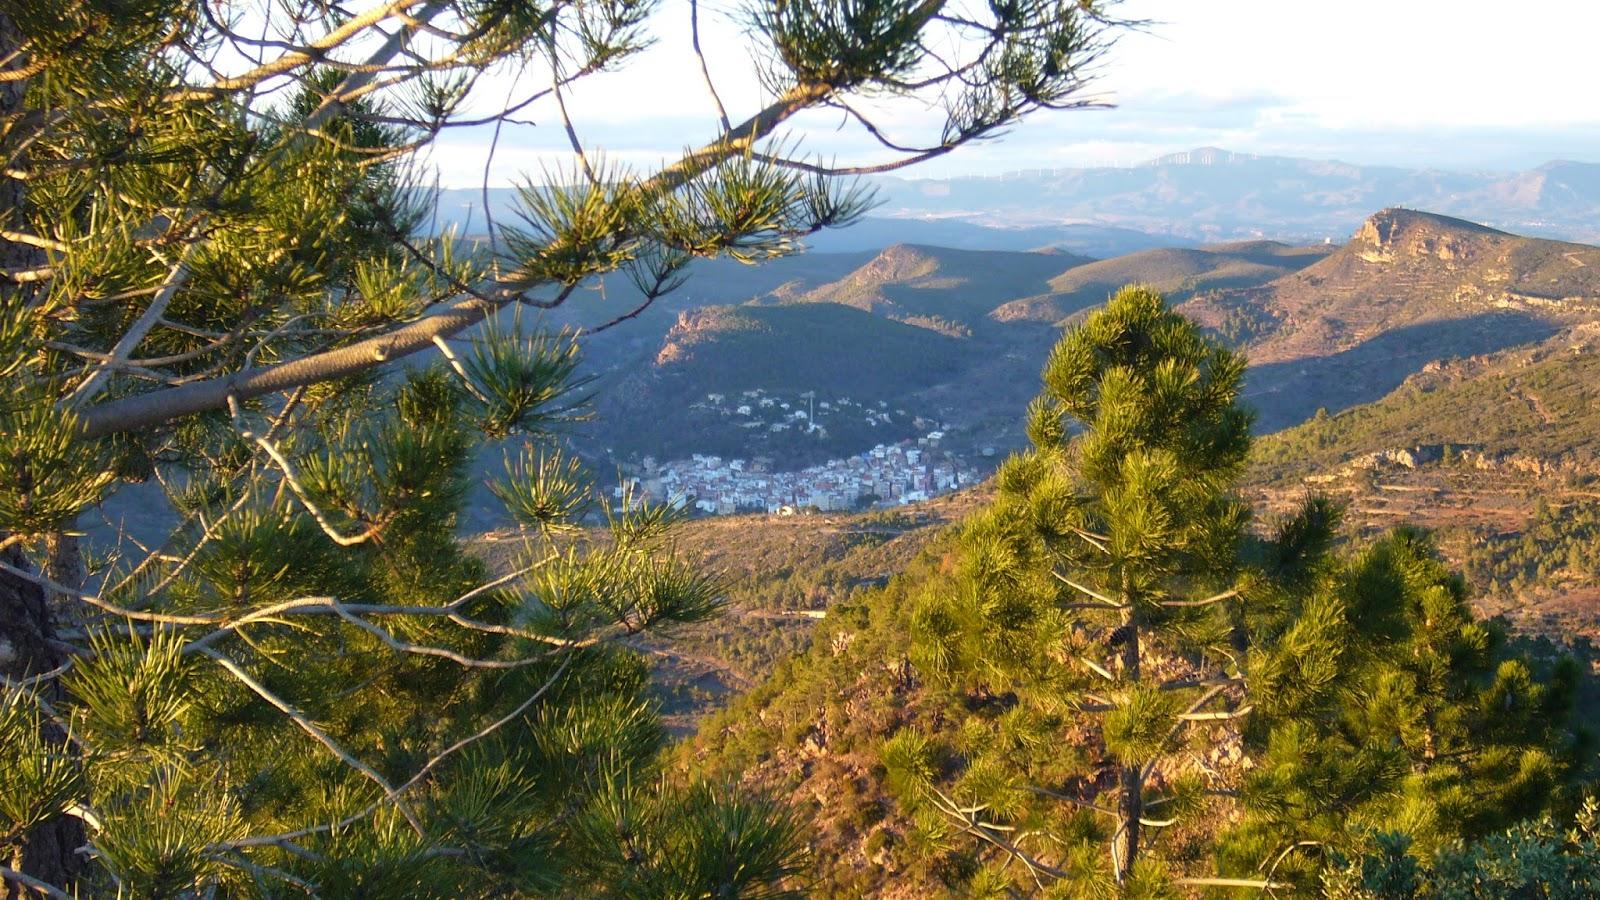 Gátova y Pico del Águila desde el Gorgo.